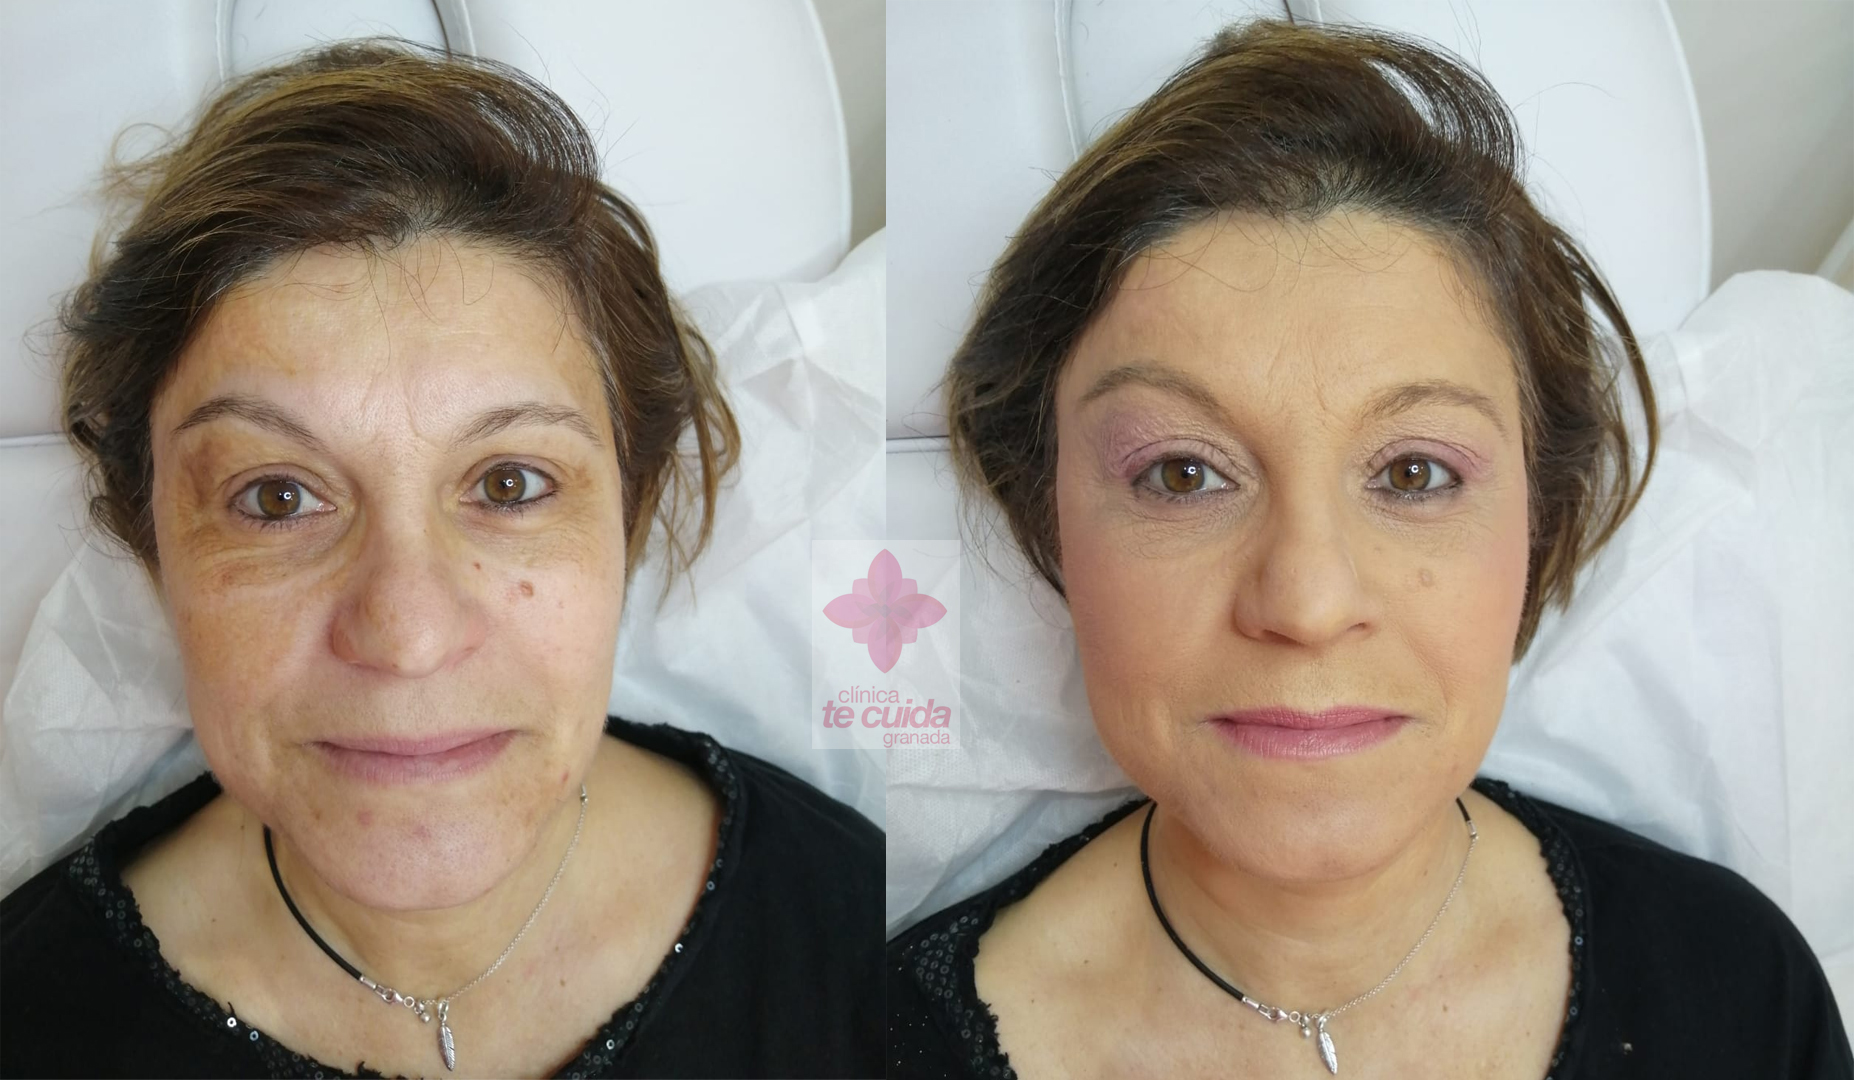 El antes y el después con maquillajes Couvrance de Avène